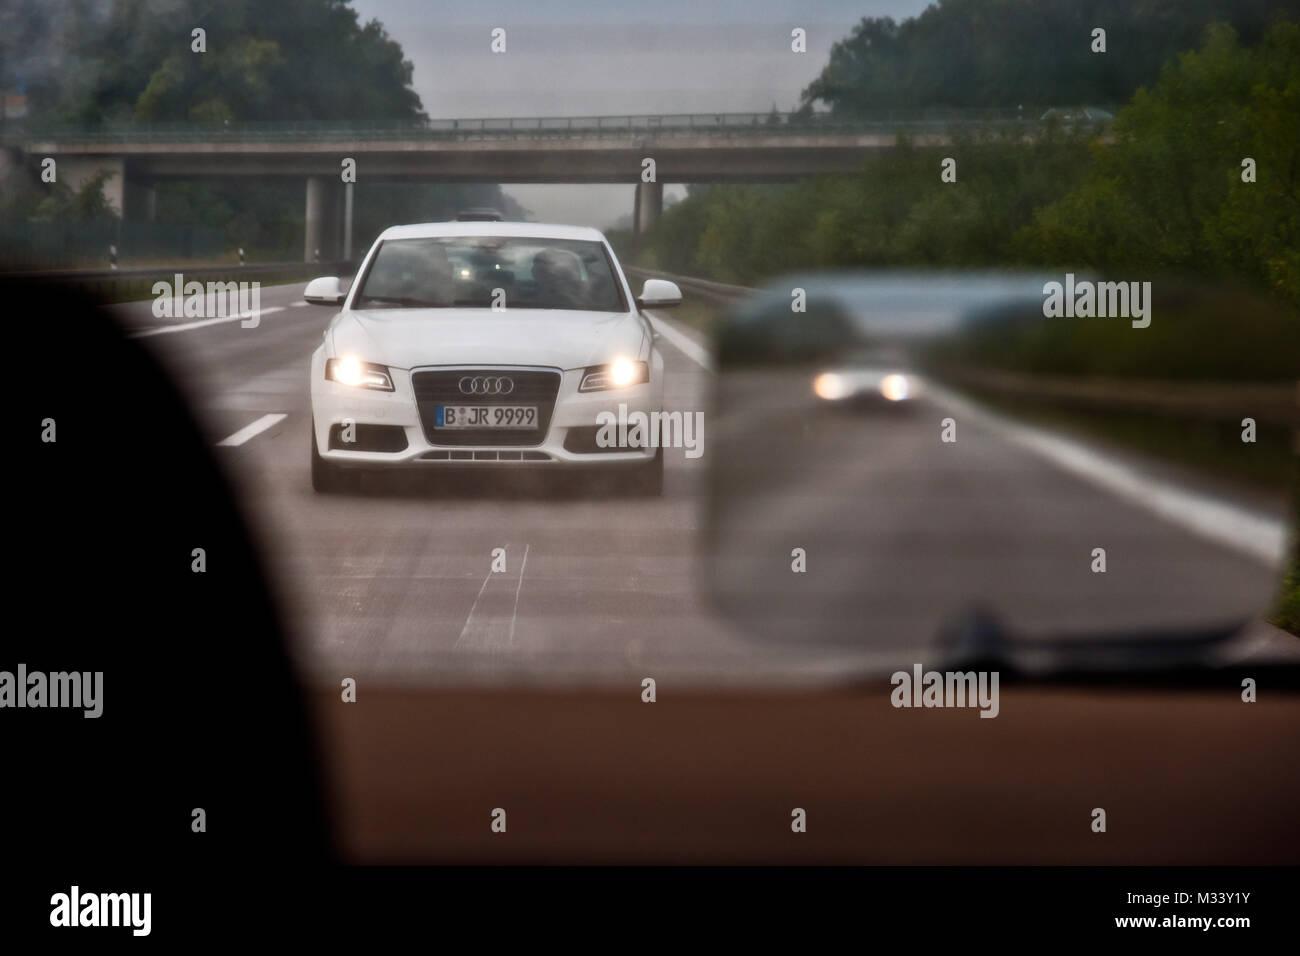 Nötigung mit Lichthupe beim befahren der linken Spur auf der Autobahn bei hoher Geschwindikeit. Stock Photo